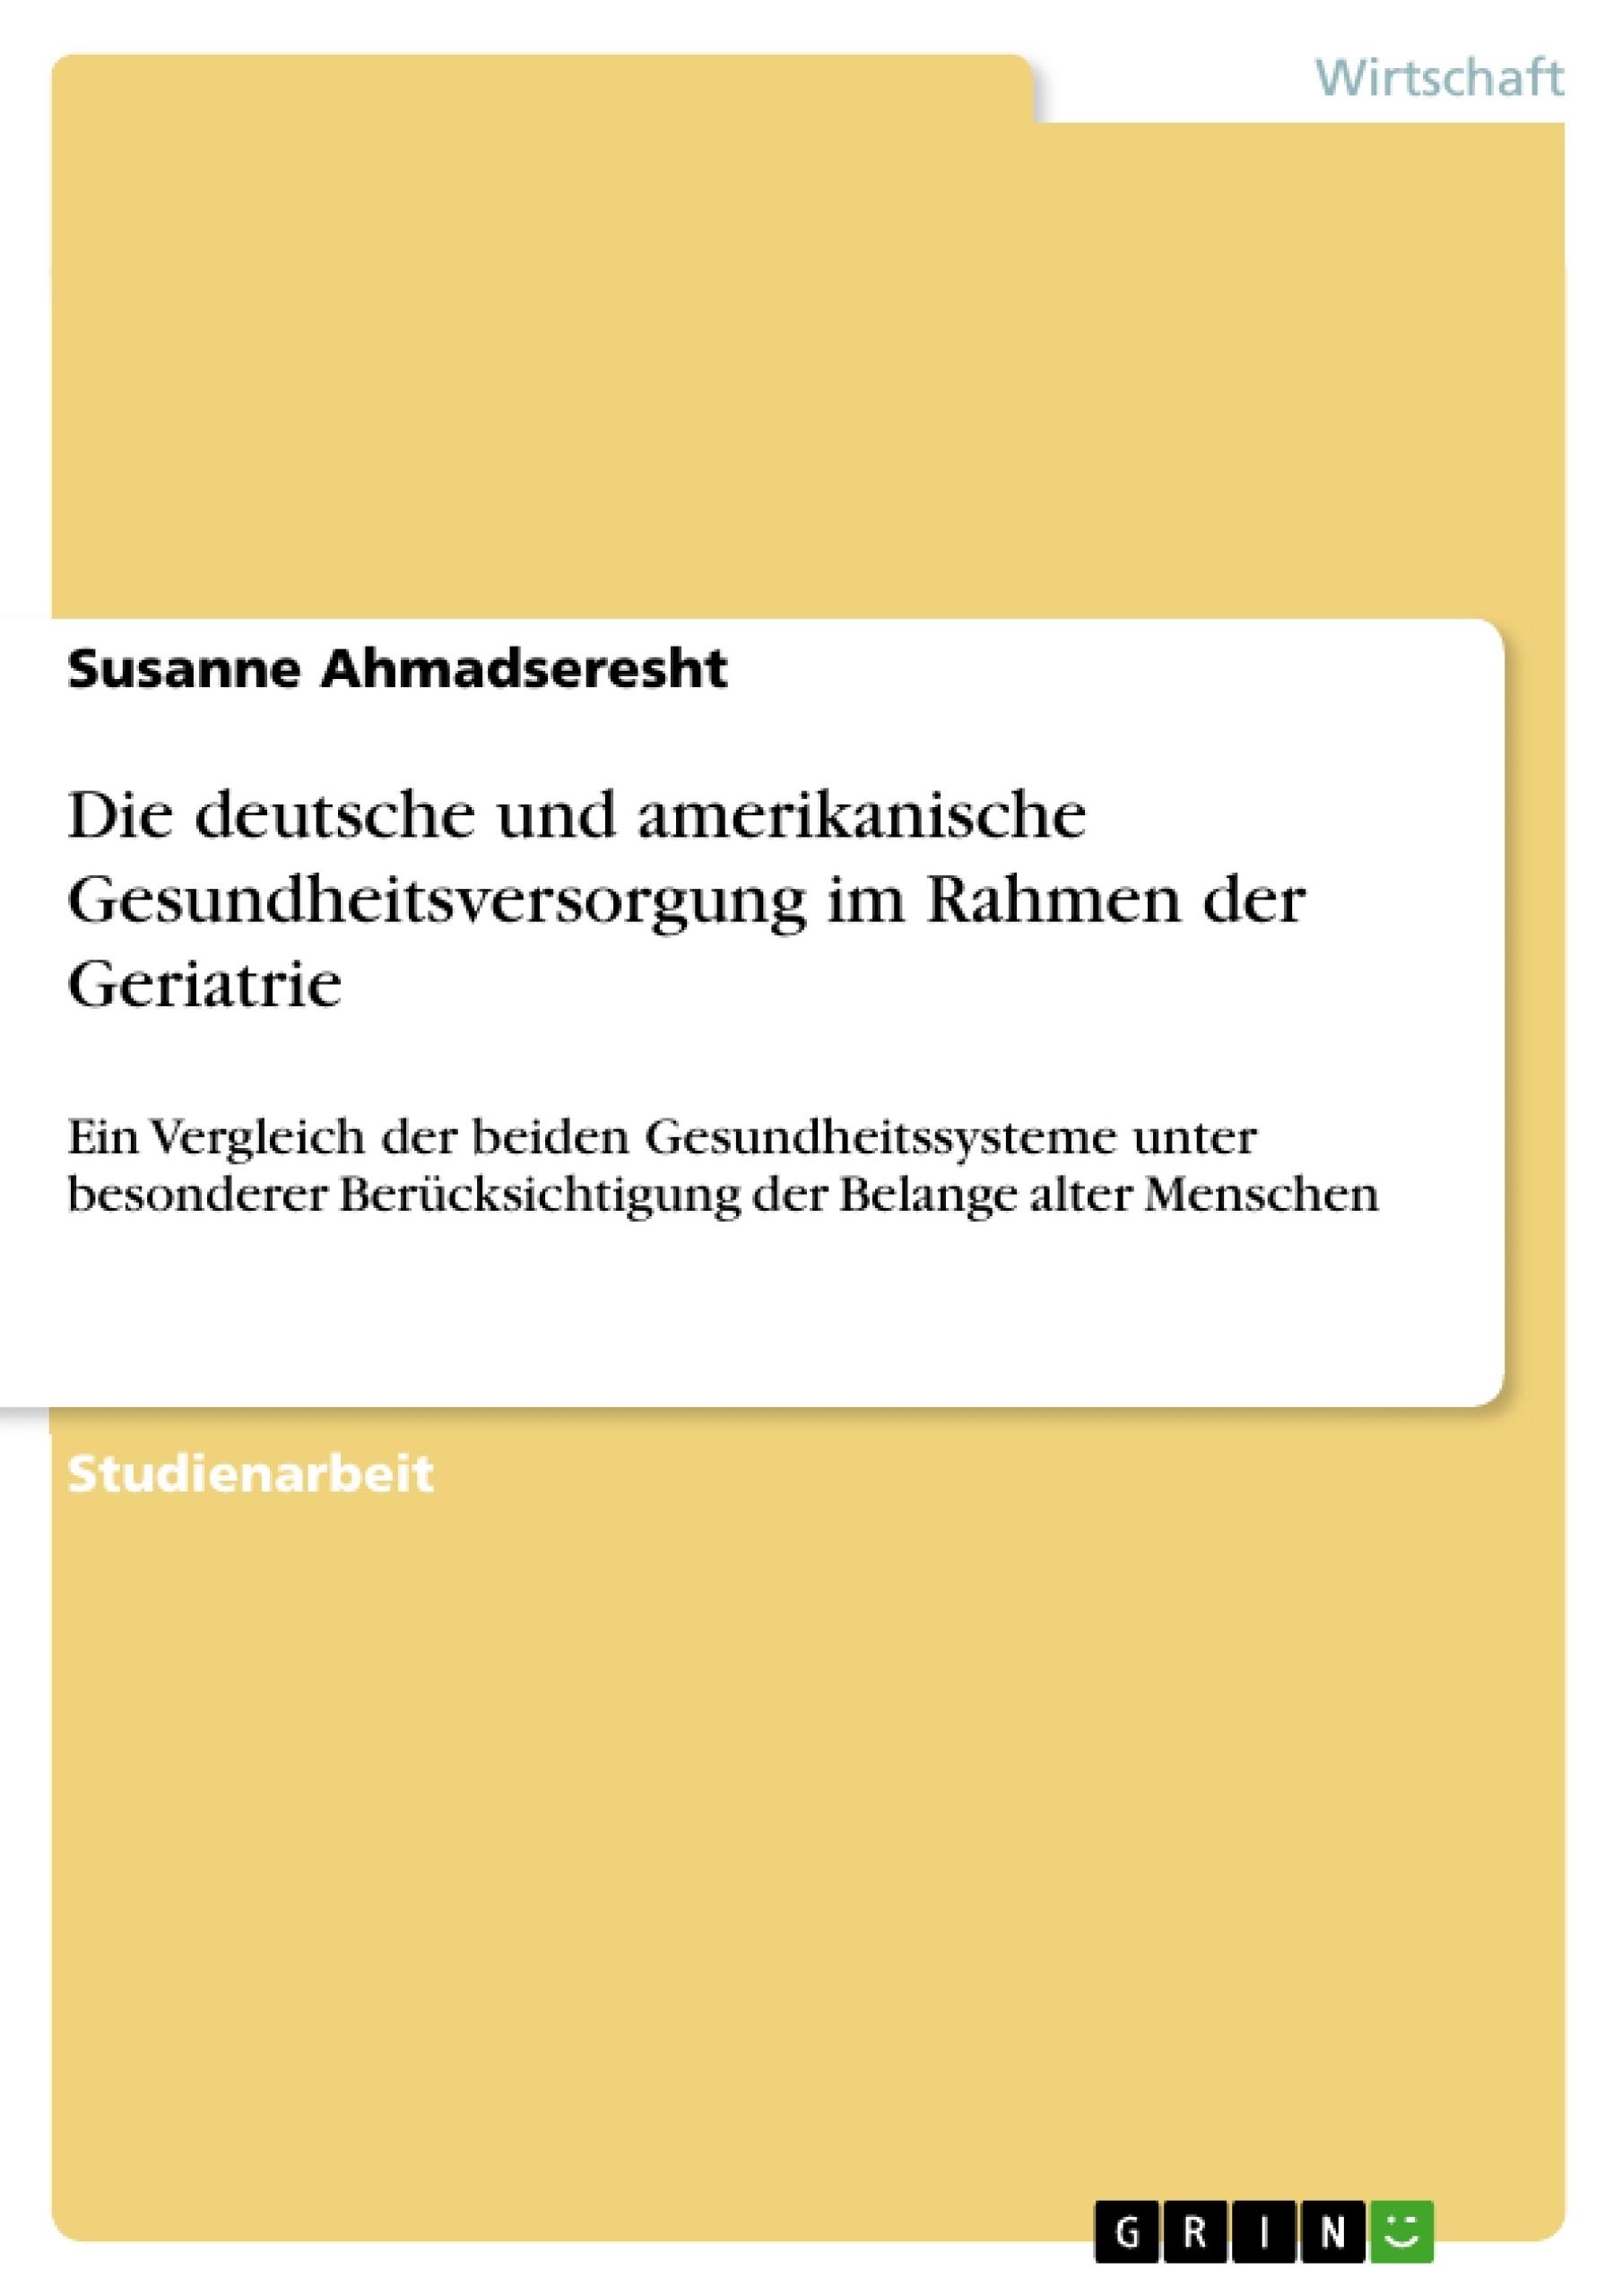 Titel: Die deutsche und amerikanische Gesundheitsversorgung im Rahmen der Geriatrie